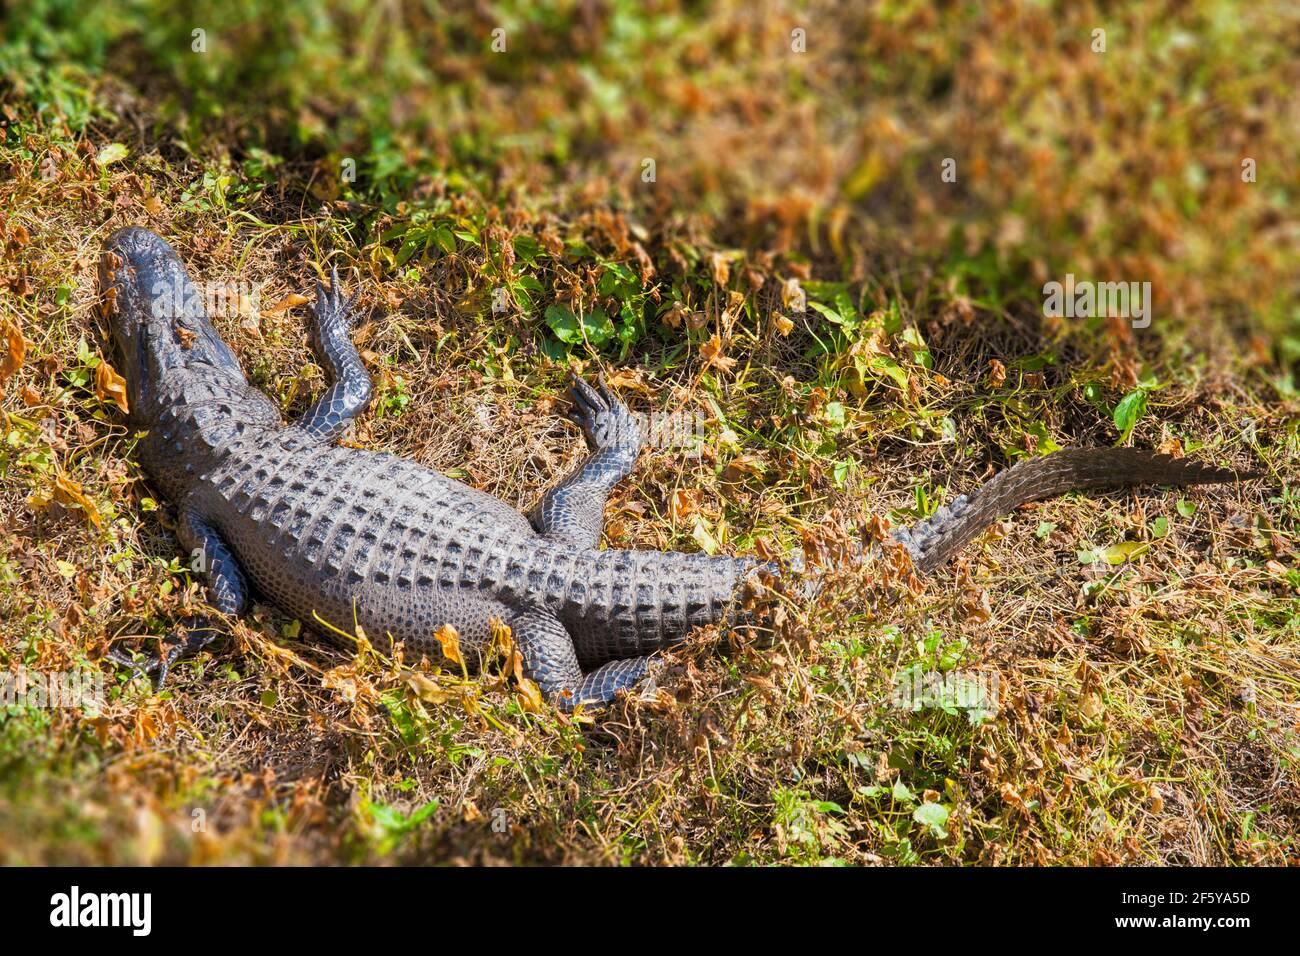 Ein Alligator vom Observation Tower im Shark Valley im Everglades National Park in Florida gesehen. Stockfoto